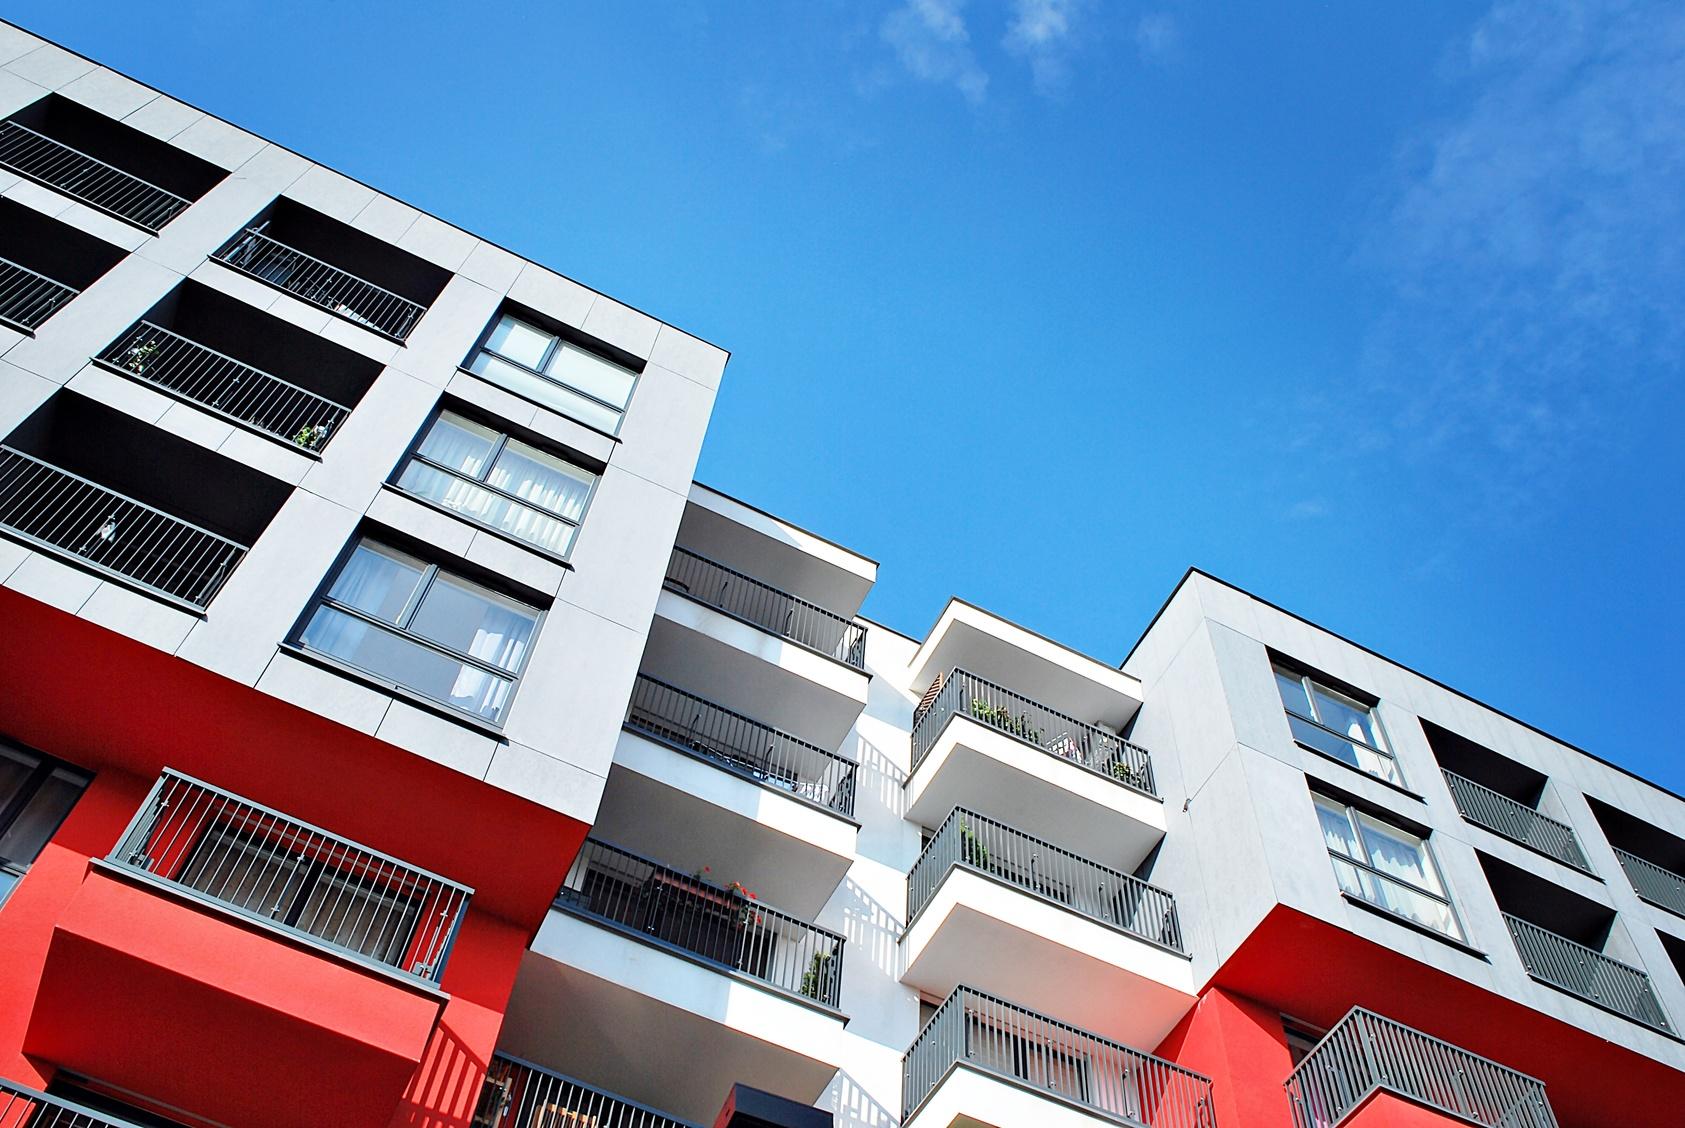 mieszkanie, cena mieszkania, ile kosztuje mieszkanie, Polska, Wielka Brytania, Niemcy, wymiana walut, Ekantor.pl